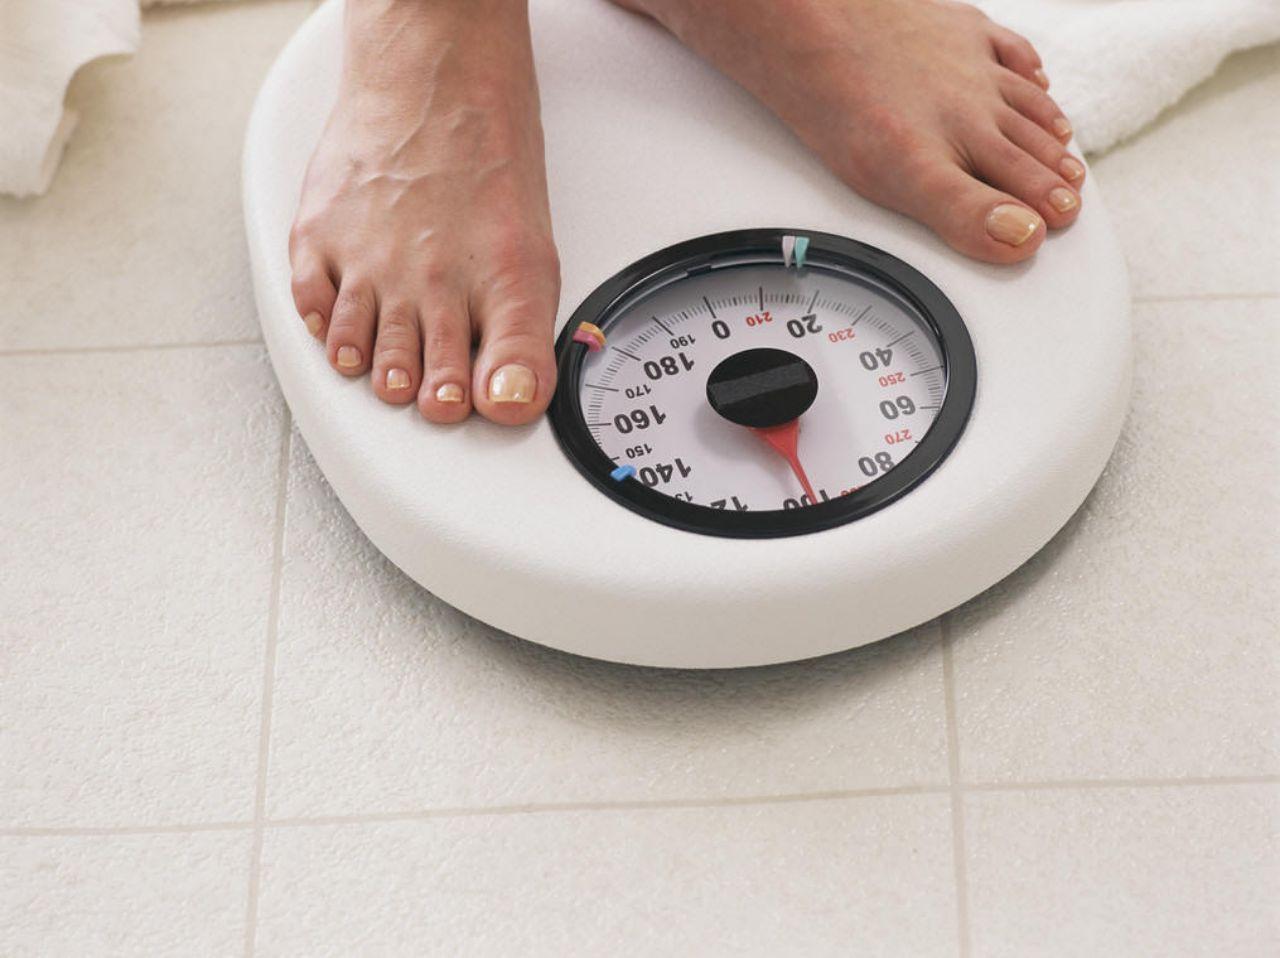 بالصور .. خبراء: 10 نصائح بسيطة لممارسة المشي يوميًا وإنقاص الوزن